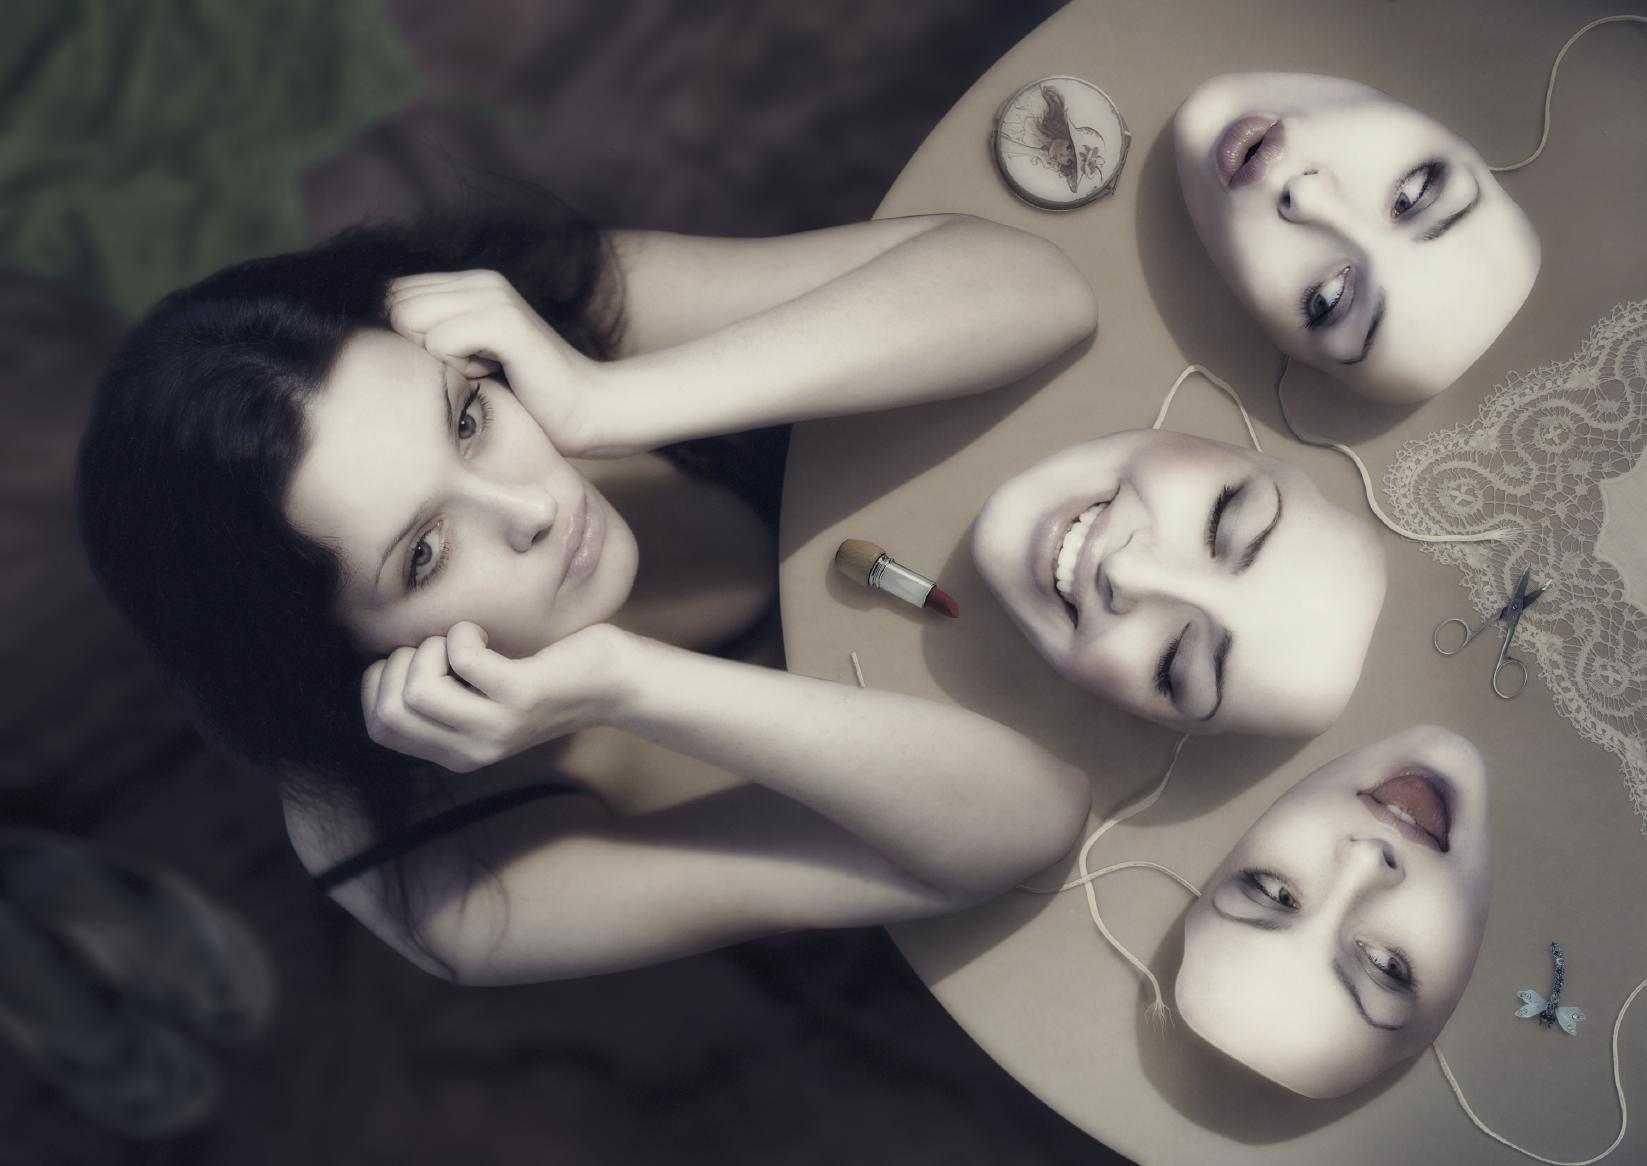 Как понять настроение собеседника? язык тела помогает в общении